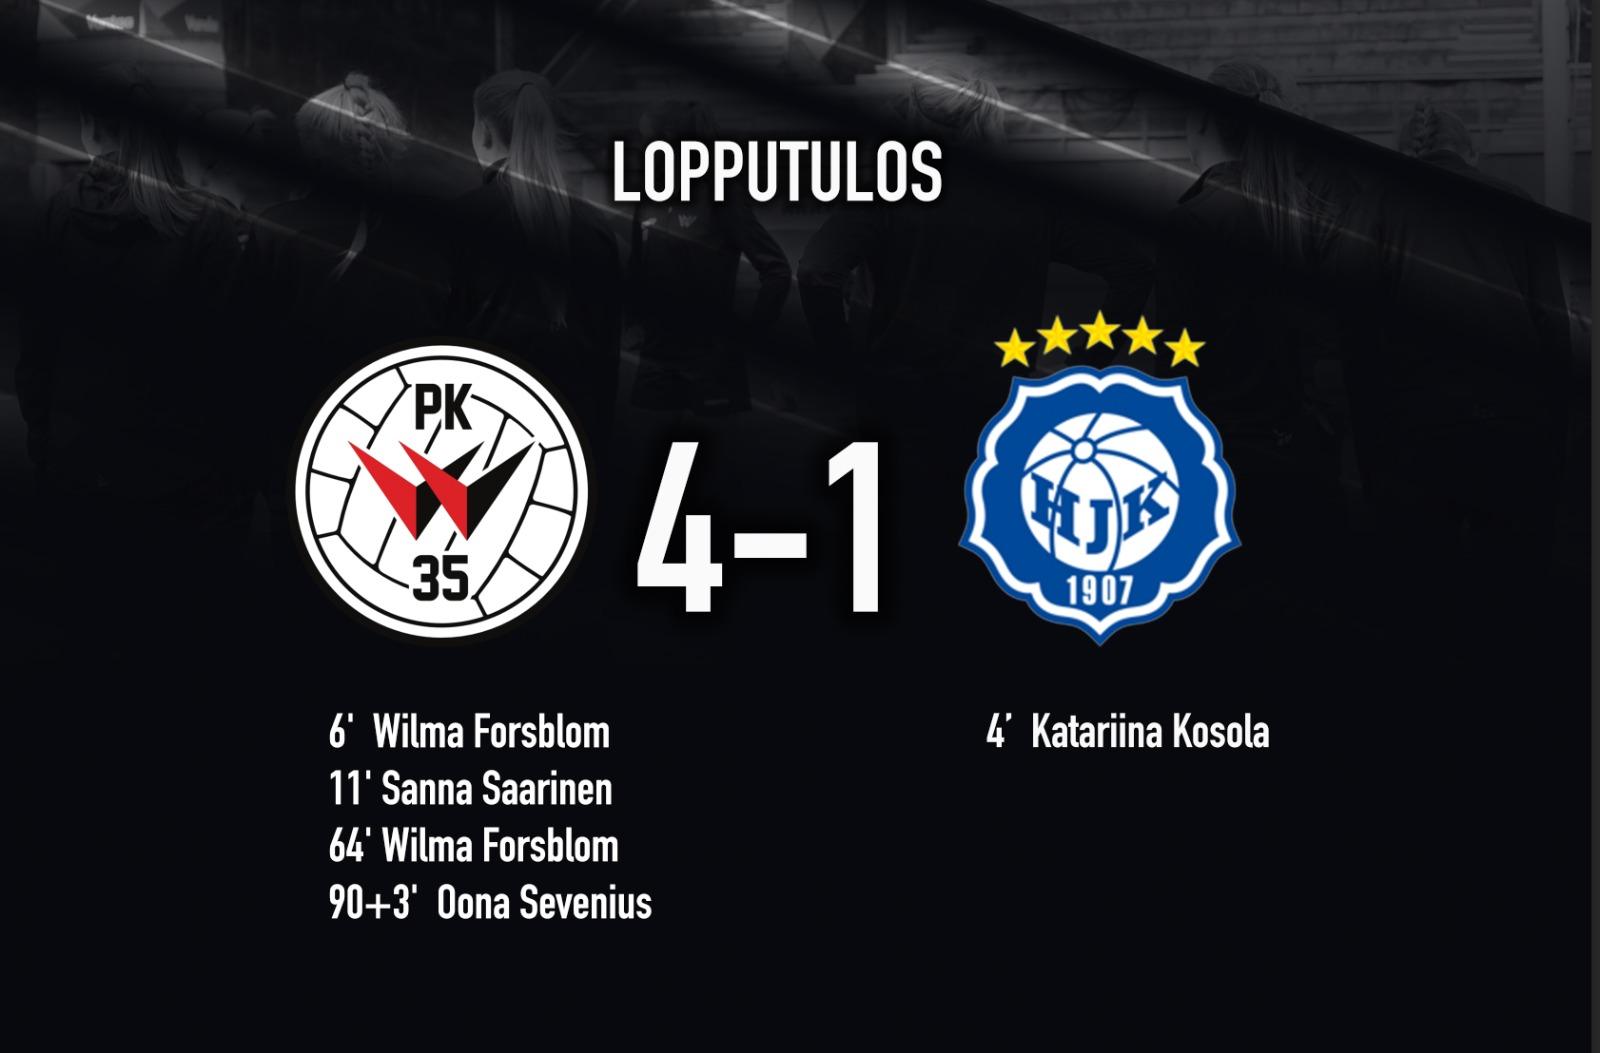 Ottelukooste: PK-35 Vantaa – HJK 4-1 (2-1) 10.9.2021